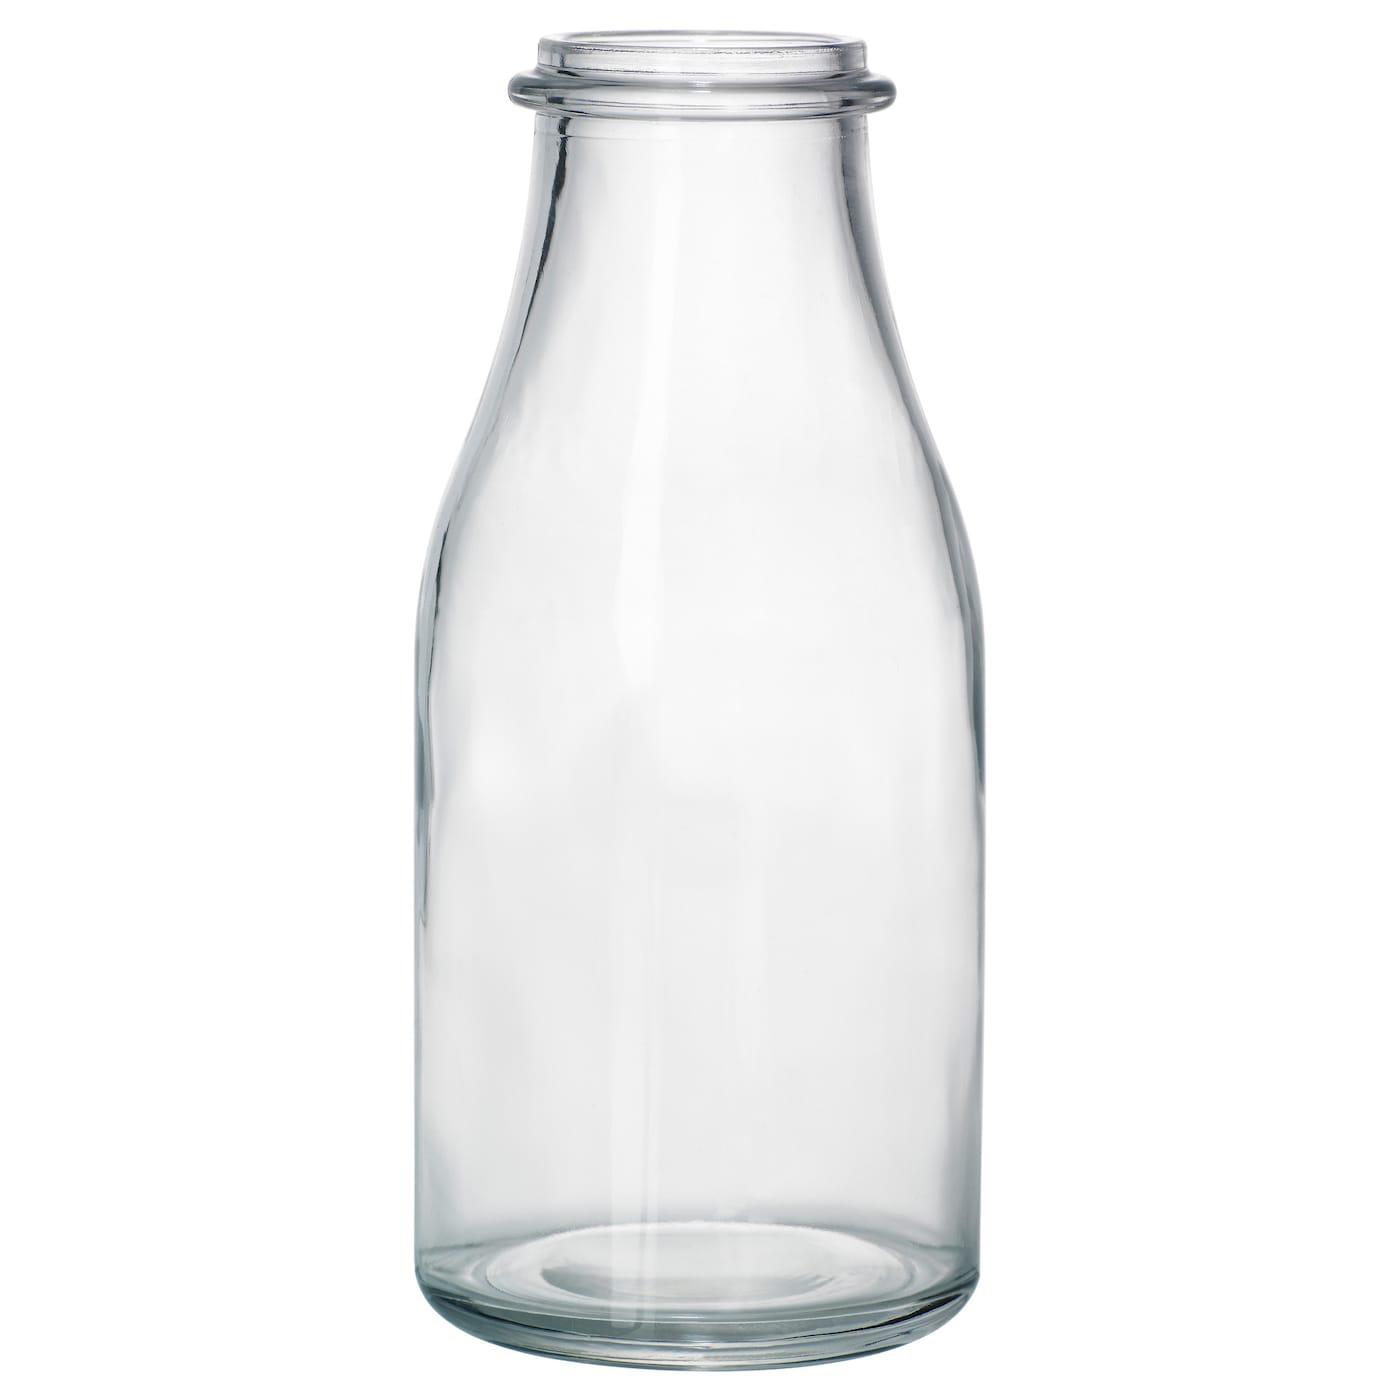 ensidig vase clear glass 18 cm ikea. Black Bedroom Furniture Sets. Home Design Ideas